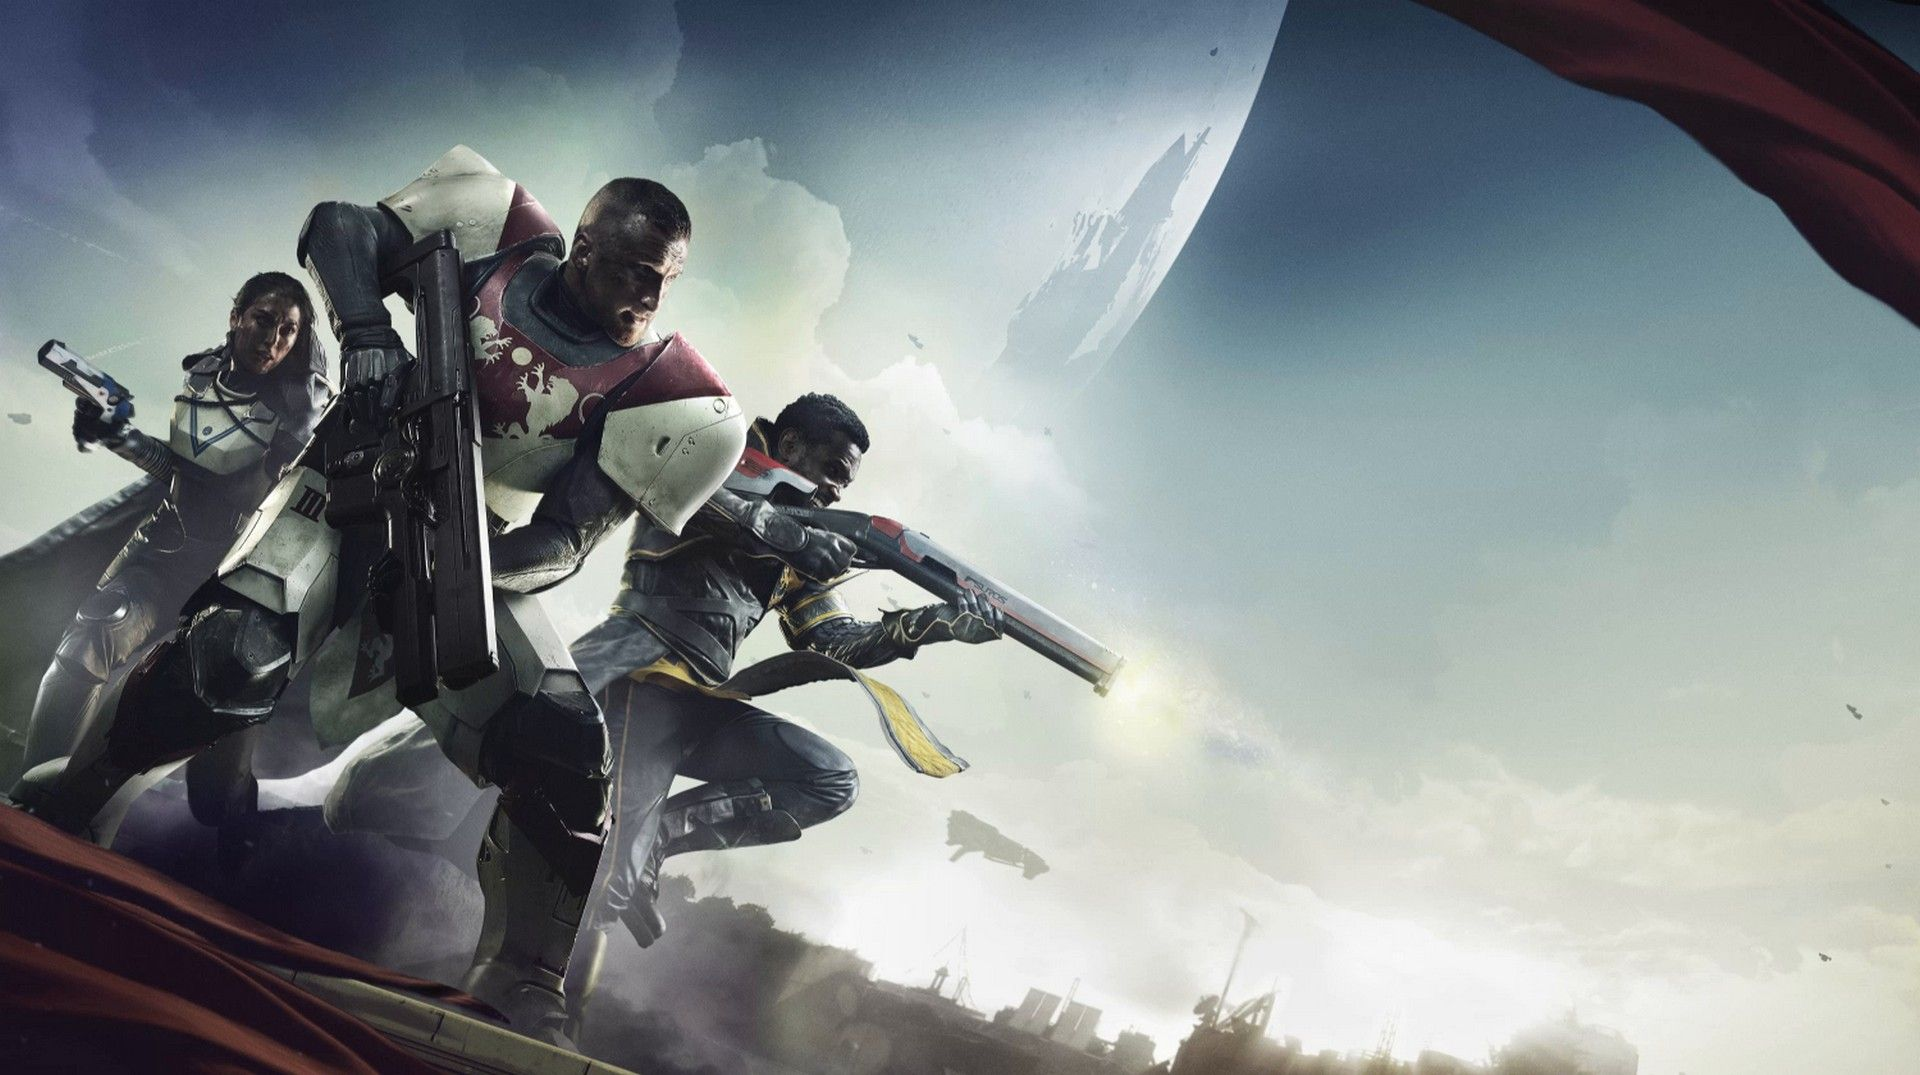 Destiny 2 Wallpaper Destiny, Destiny 2 trailer, Xbox one